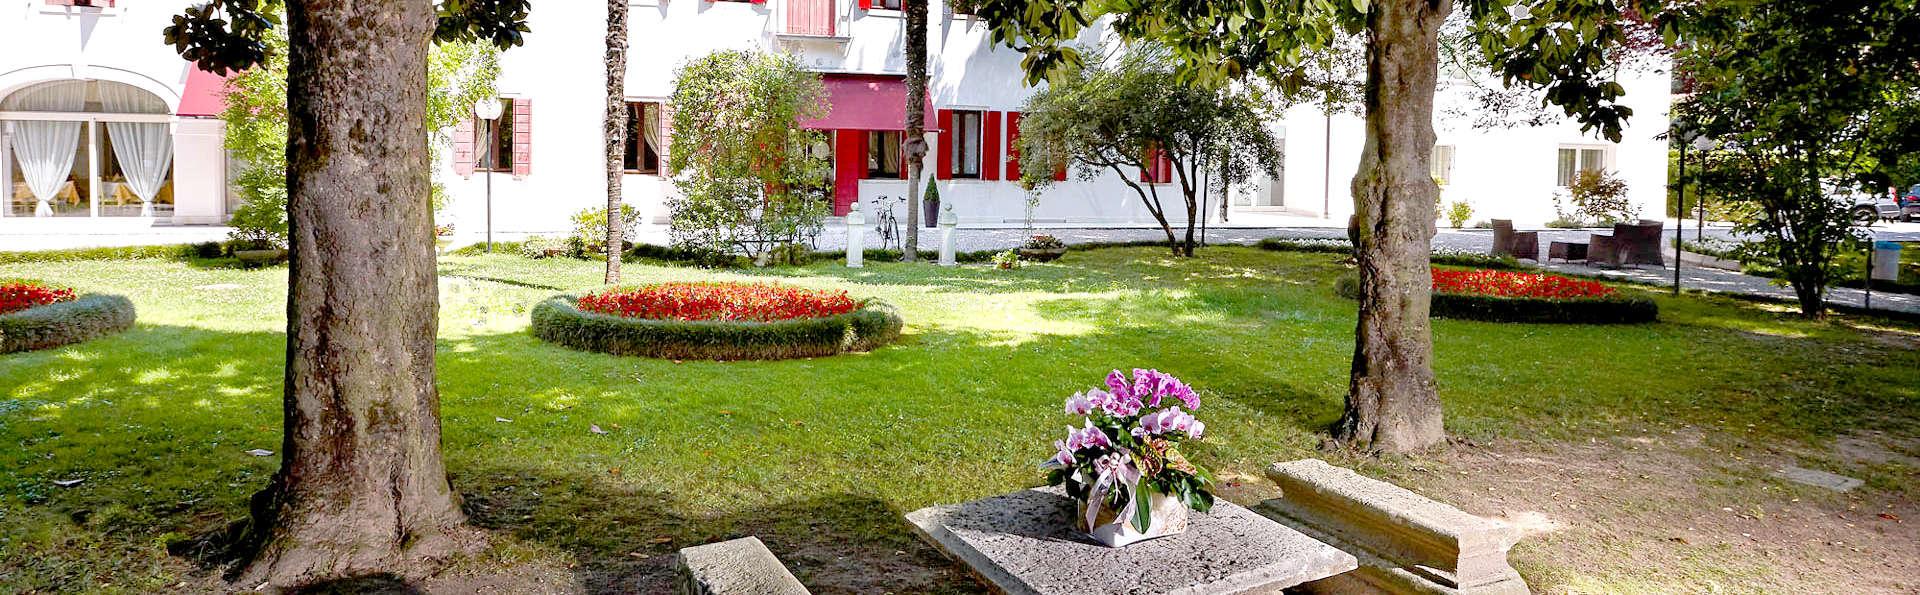 Scopri il Veneto in villa a Mirano, alle porte di Venezia